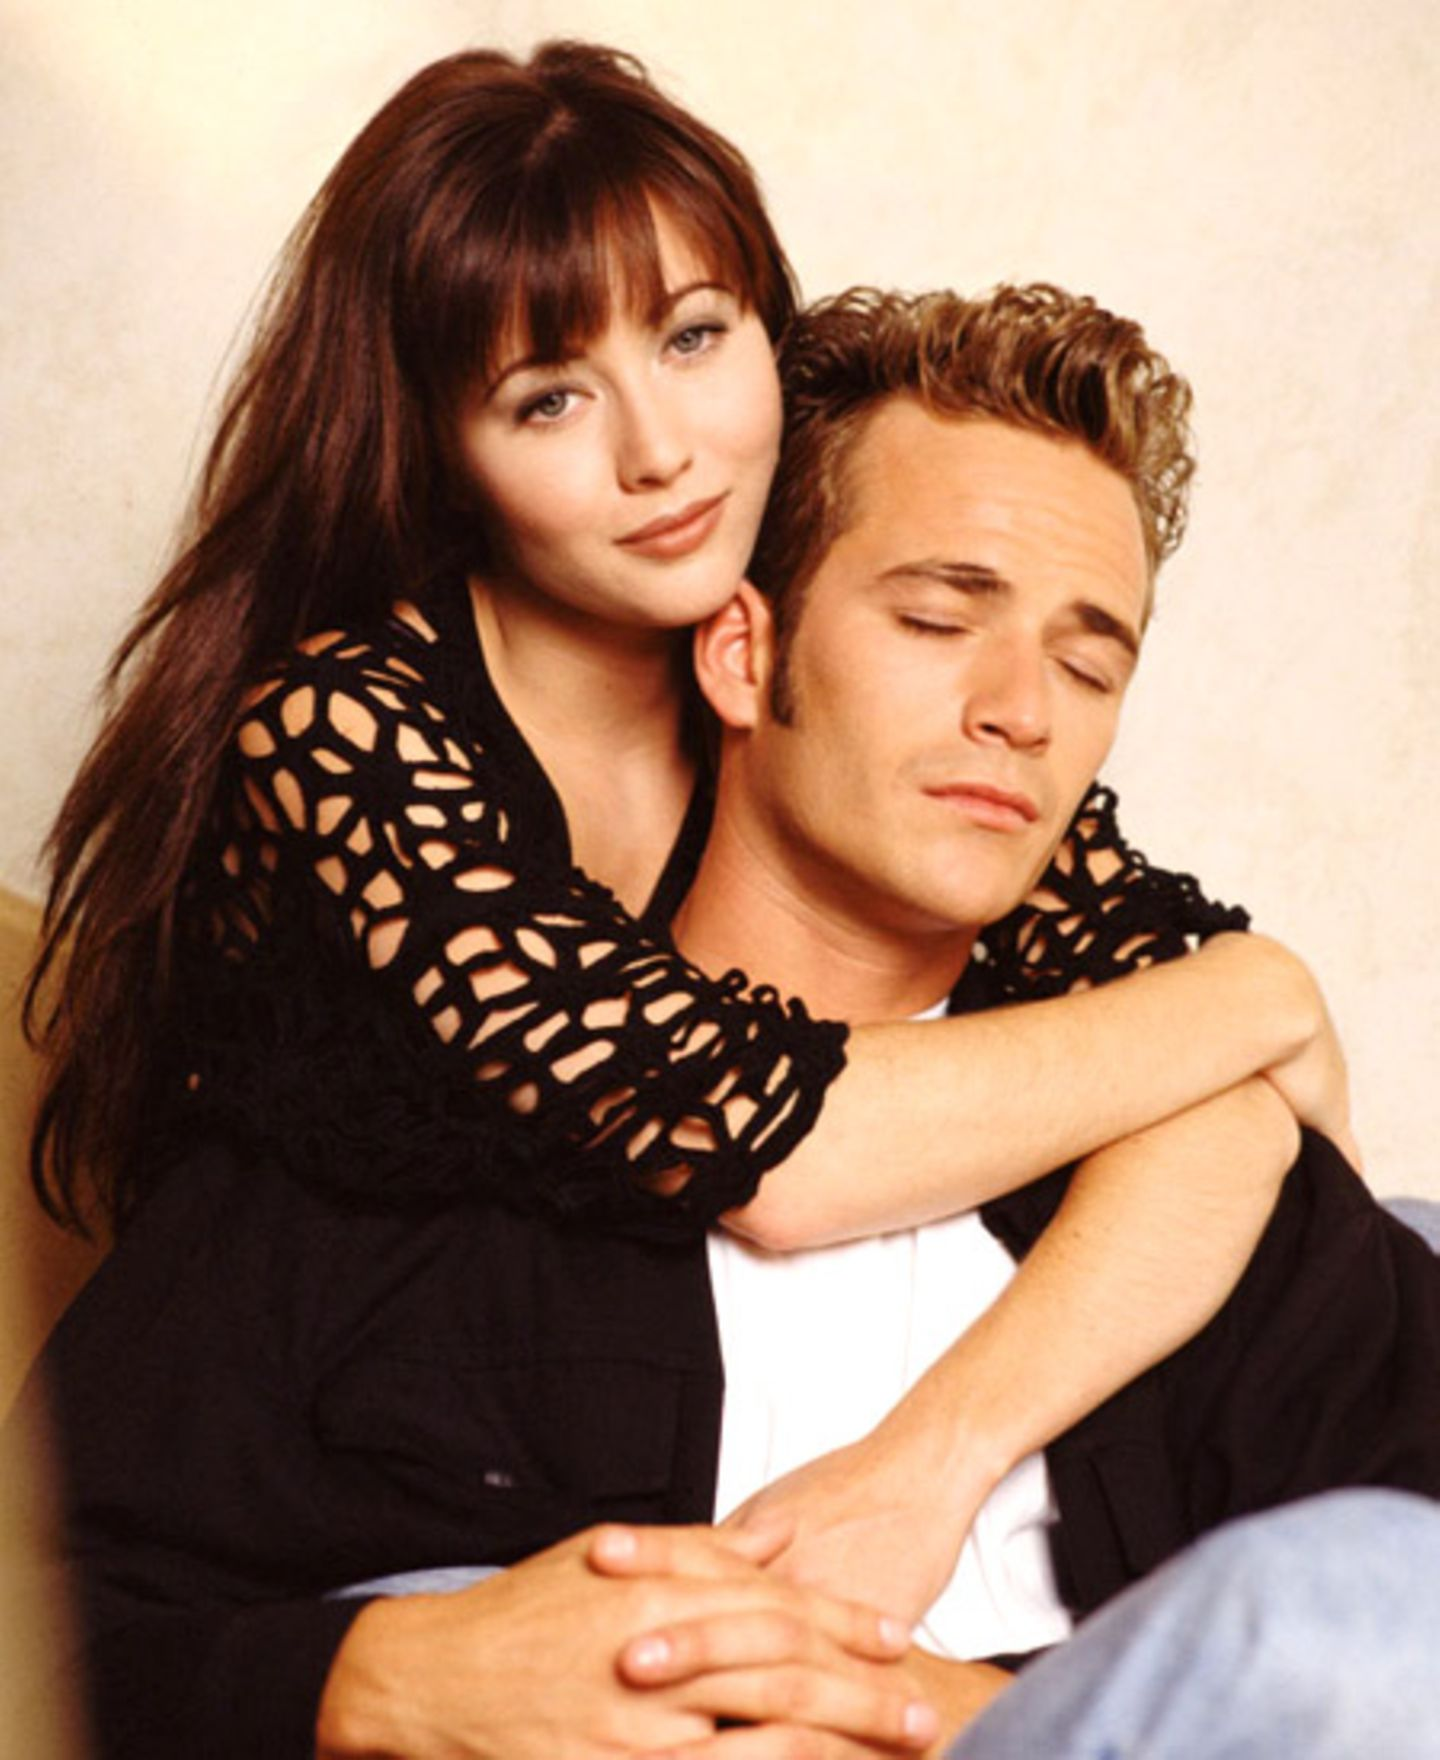 Die erste große Liebe: Brenda Walsh (Shannen Doherty) und Dylan McKay (Luke Perry)